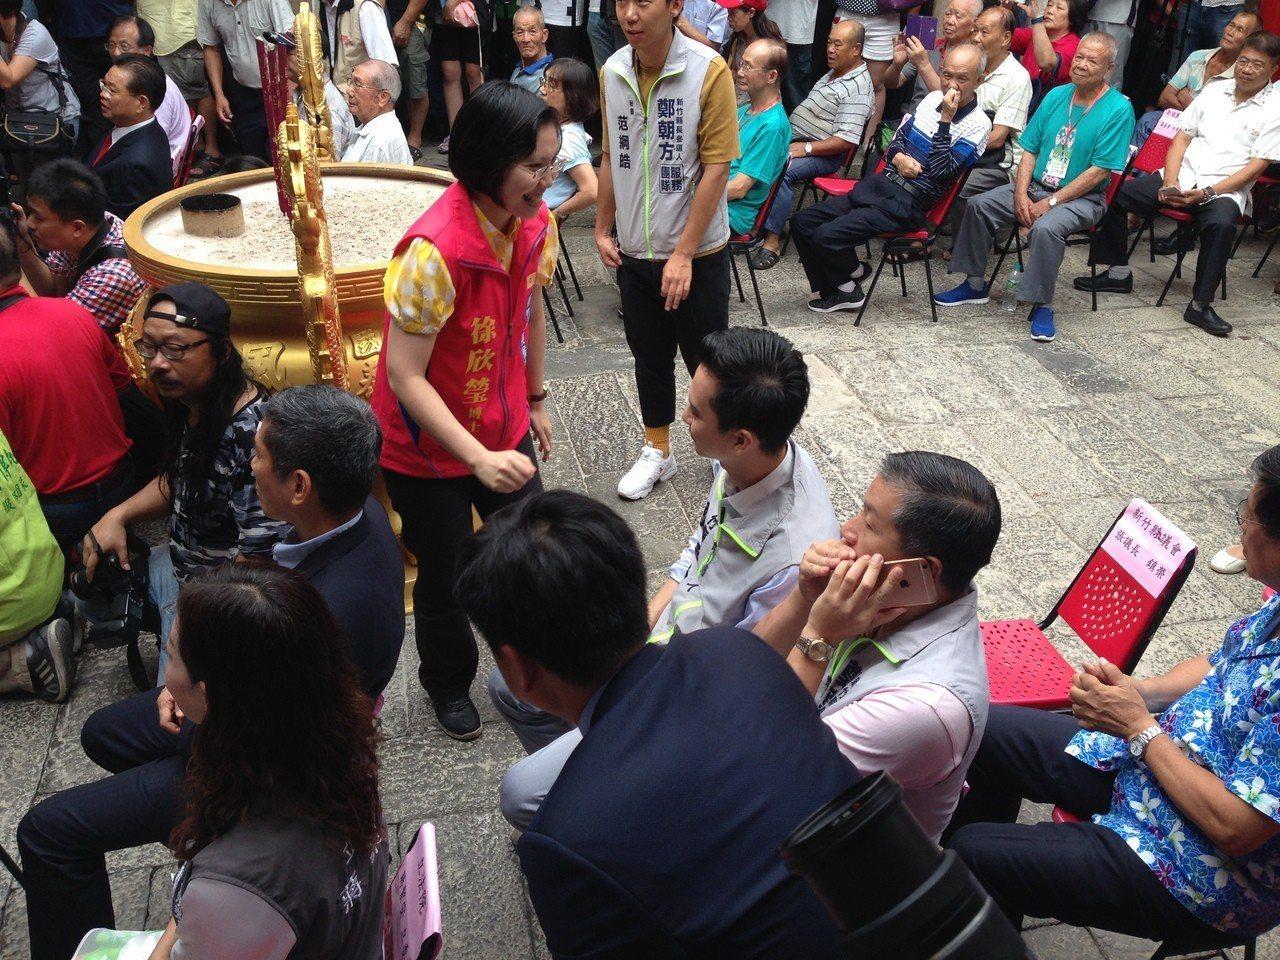 徐欣瑩、鄭朝方都在場,也彼此打聲招呼、握手。記者郭宣彣/攝影